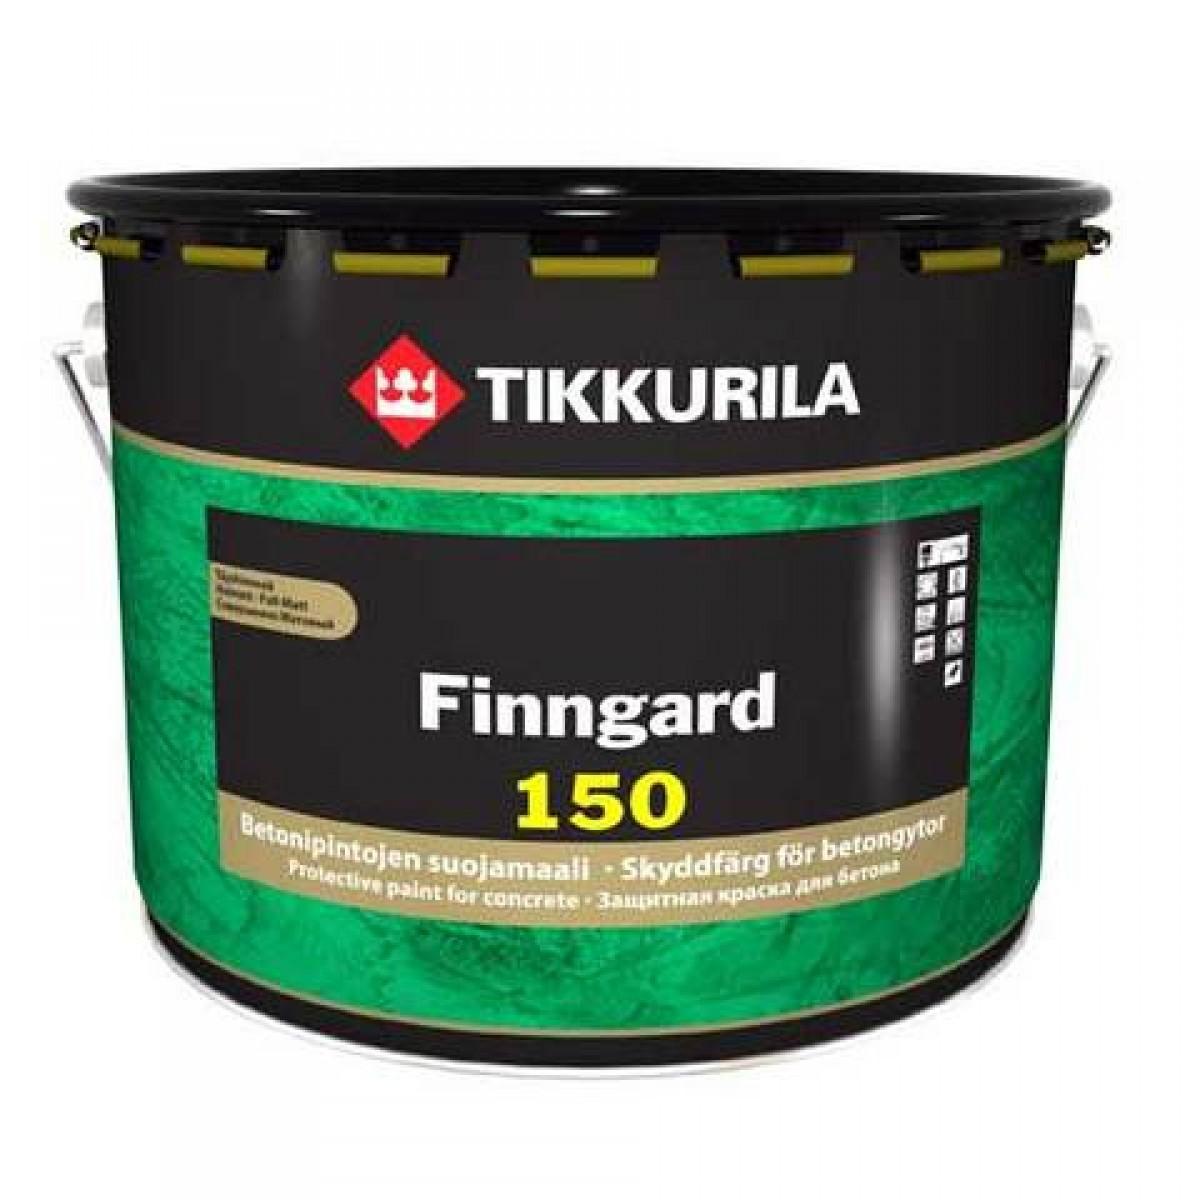 Финнгард – защитная краска для бетонных конструкций